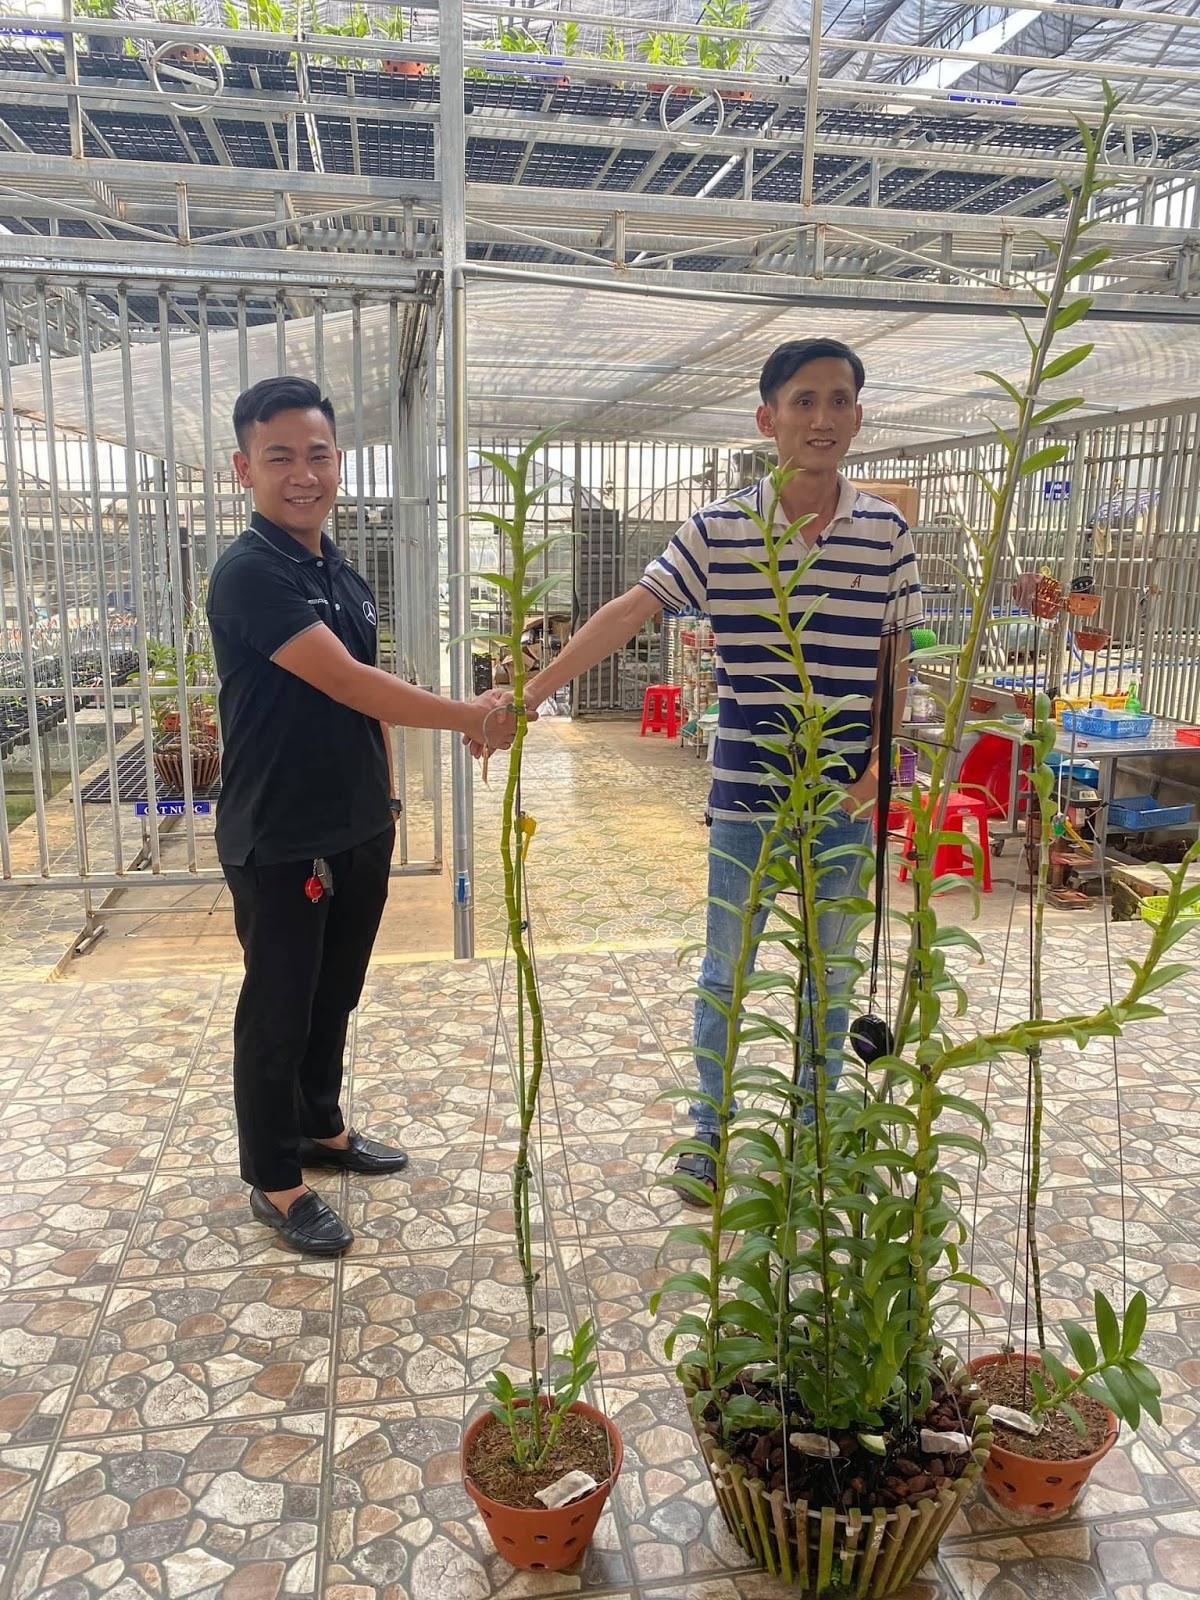 Nghệ nhân Trần Quốc Hoà – Chàng kỹ sư trẻ tuổi kiên trì theo đuổi đam mê kinh doanh hoa lan - Ảnh 5